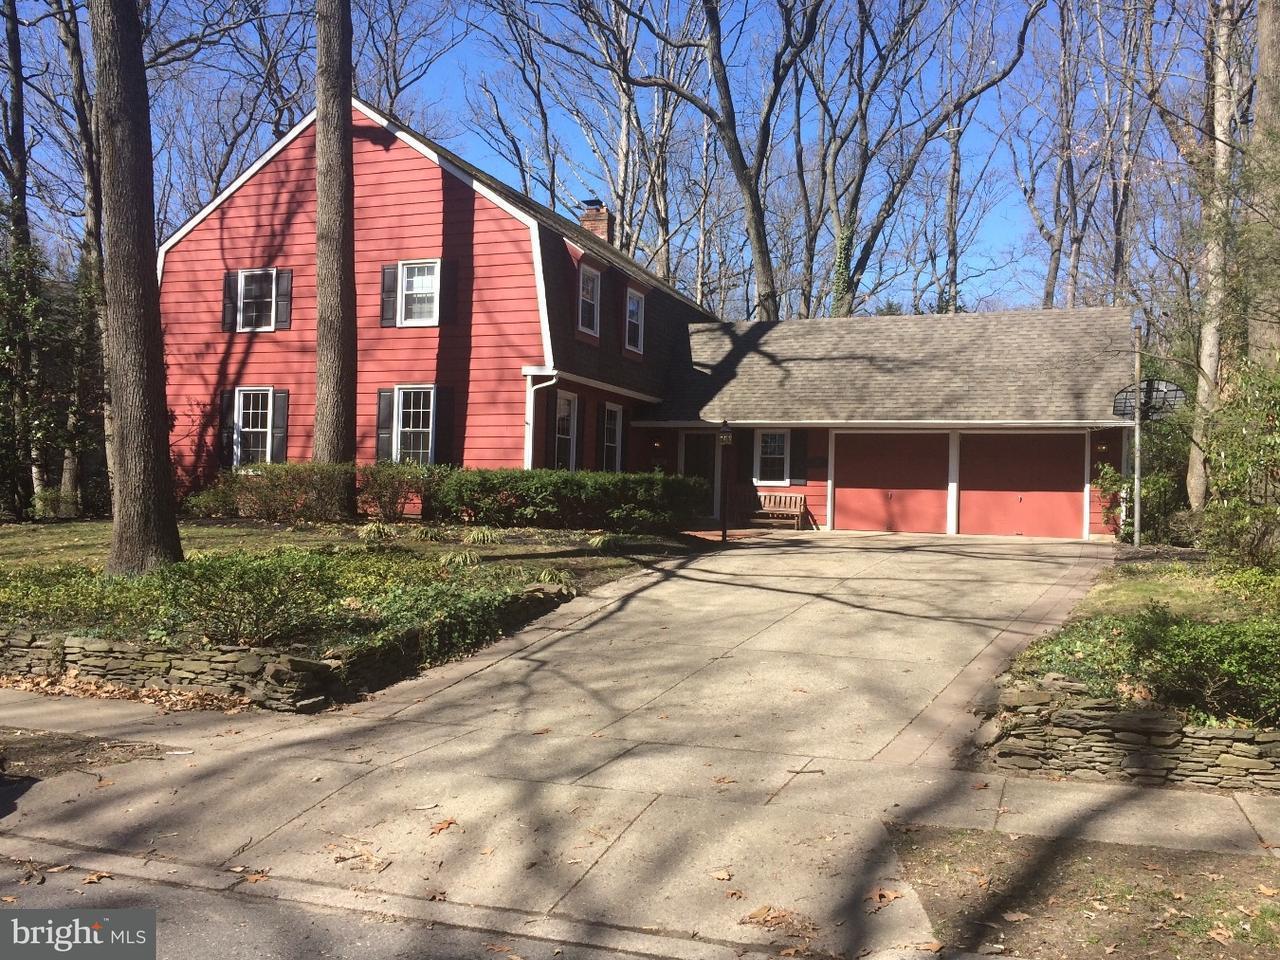 独户住宅 为 出租 在 108 WESTON Drive Cherry Hill, 新泽西州 08003 美国